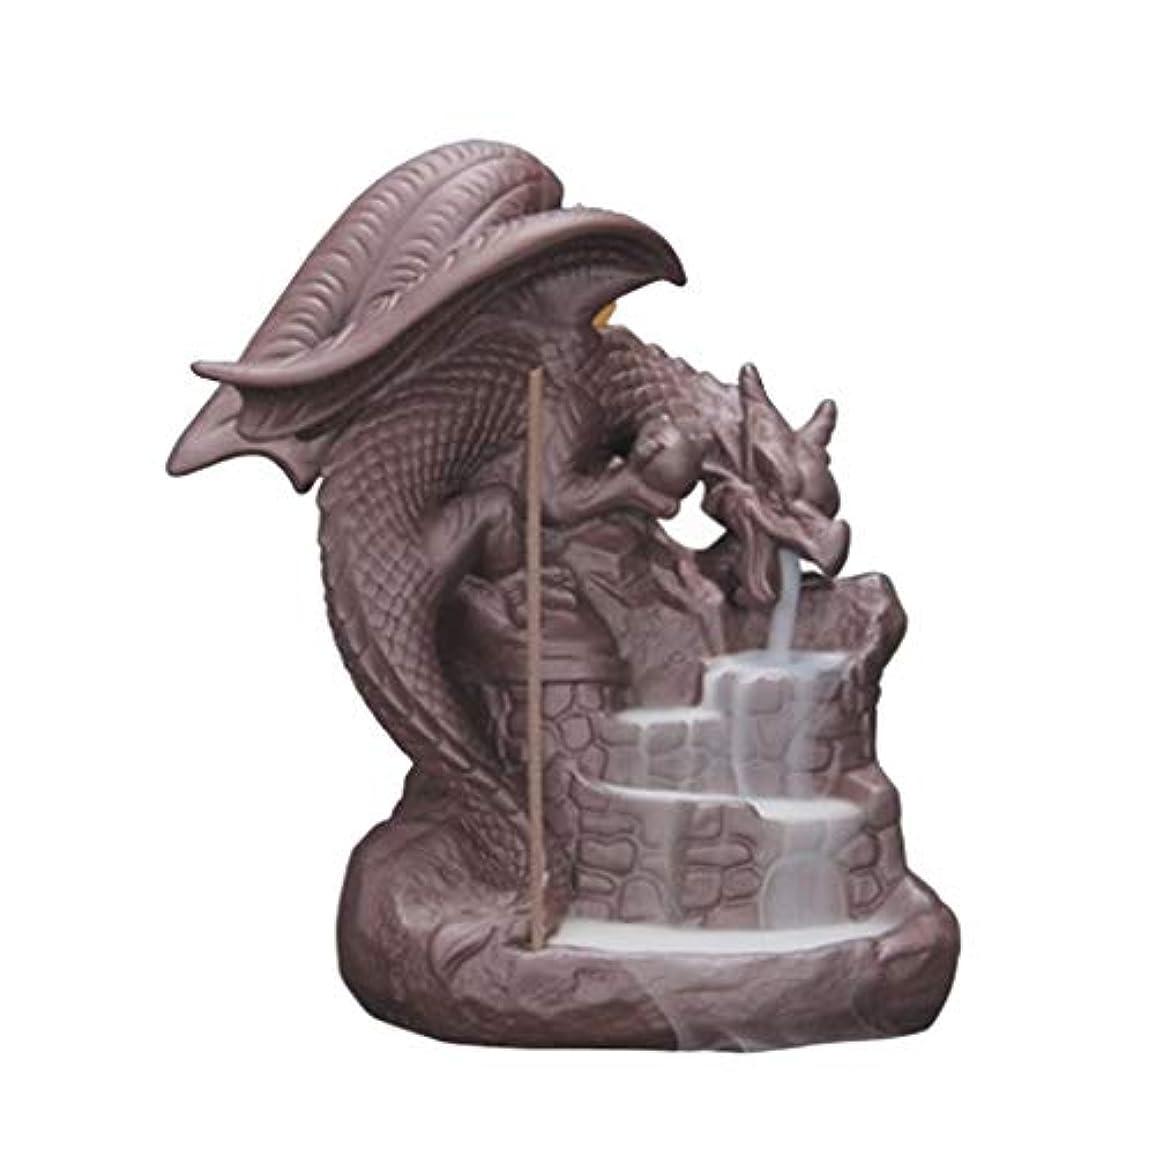 故国すき一族ホームアロマバーナー セラミック逆流香バーナー香炉の家の装飾ドラゴン香ホルダーバーナー使用ホームオフィスの装飾ギフト 芳香器アロマバーナー (Color : B)